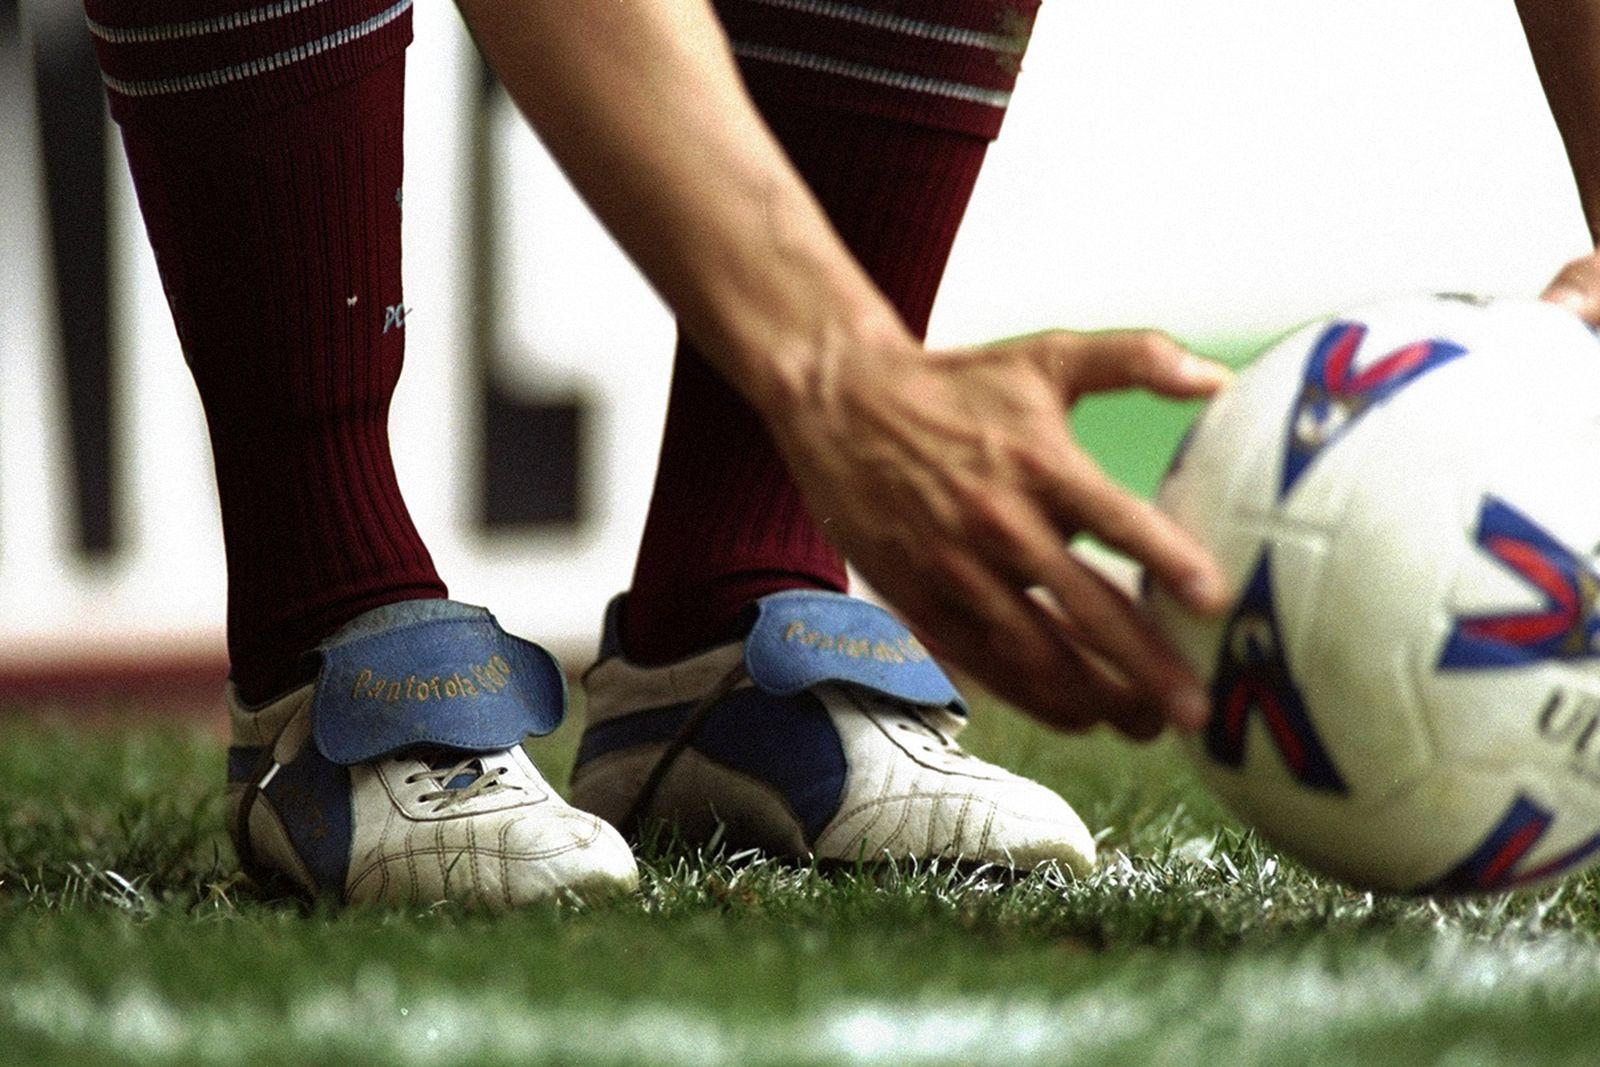 football-boots-pantafolo-diora